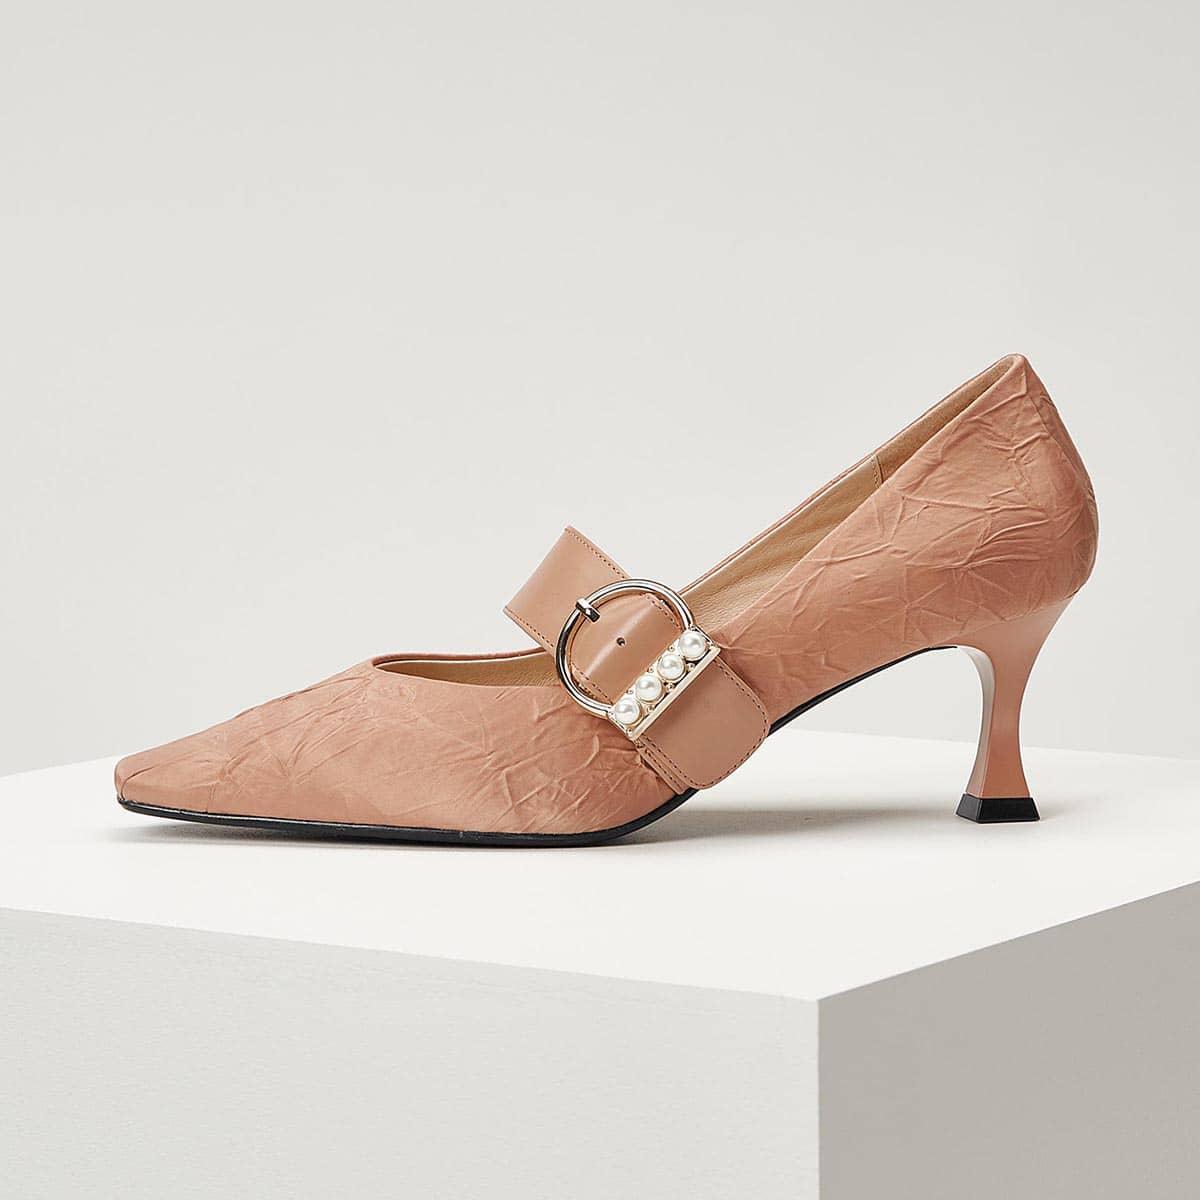 Кожаные туфли на каблуке с искусственными жемчугами от SHEIN